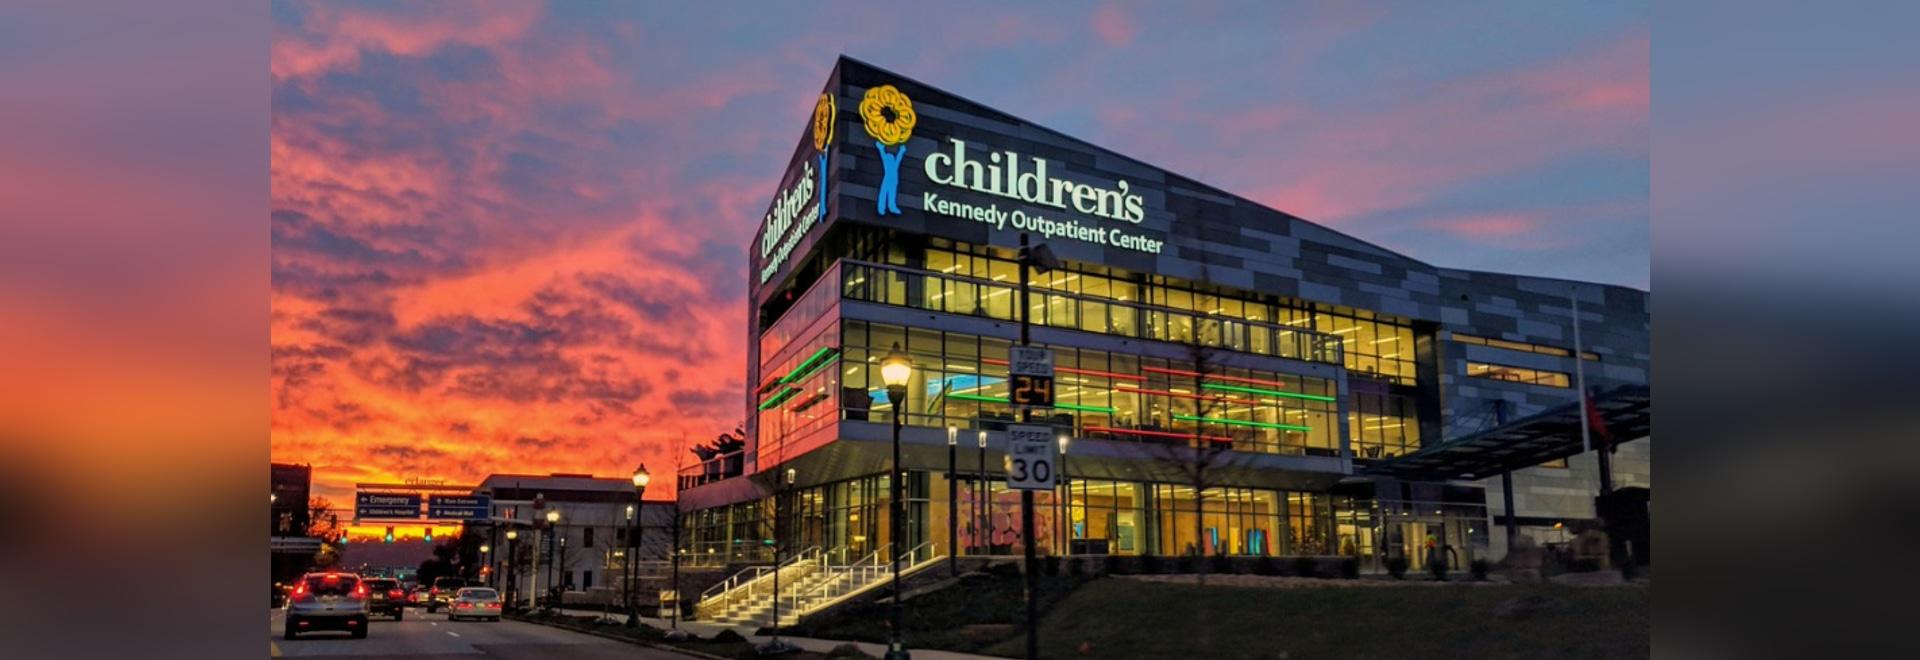 Children's Hospital at Erlanger Kennedy Outpatient Center